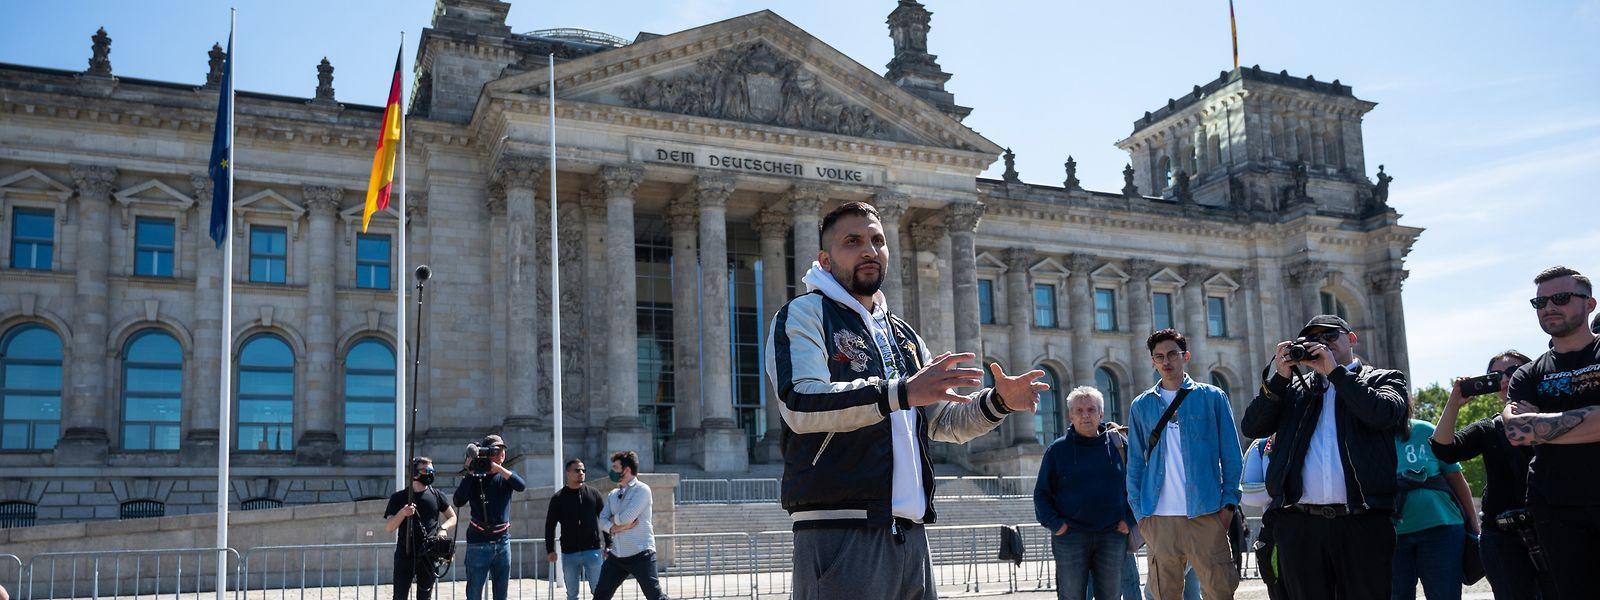 Vegan-Autor Attila Hildmann spricht bei einer Demonstration vor dem Reichstagsgebäude.